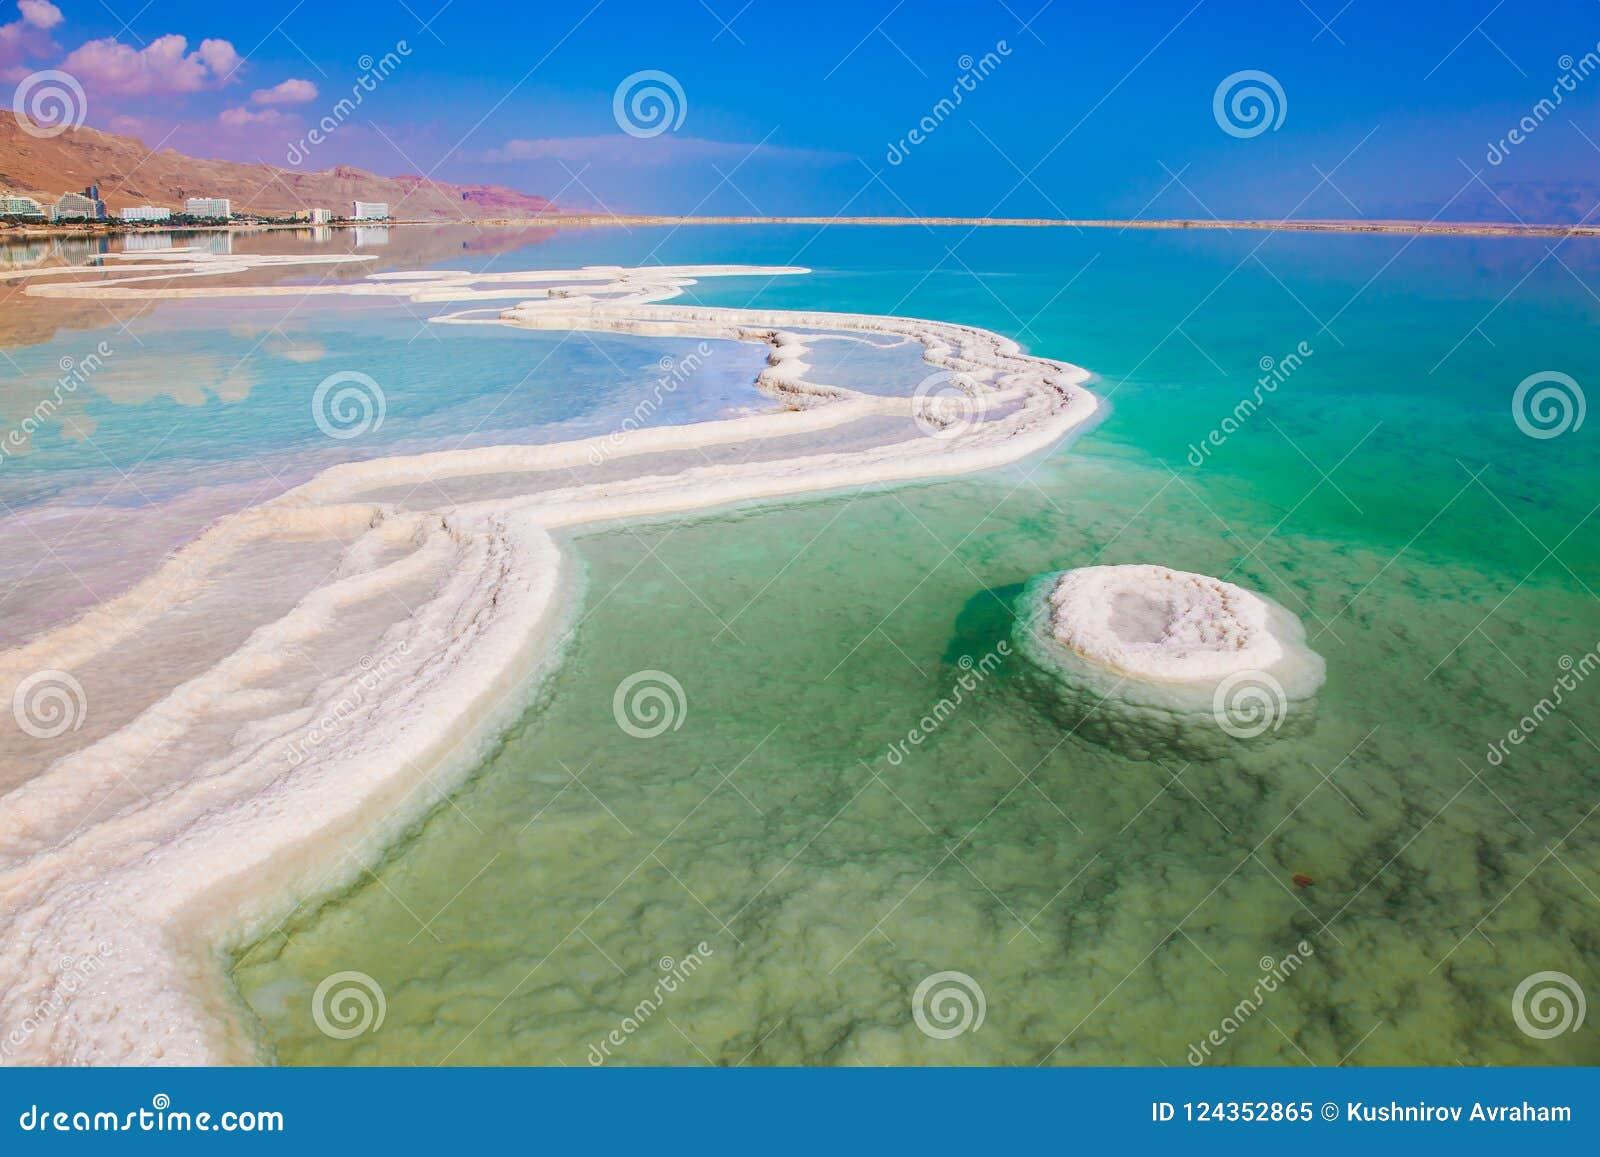 Verminderd water Het verdampte zout